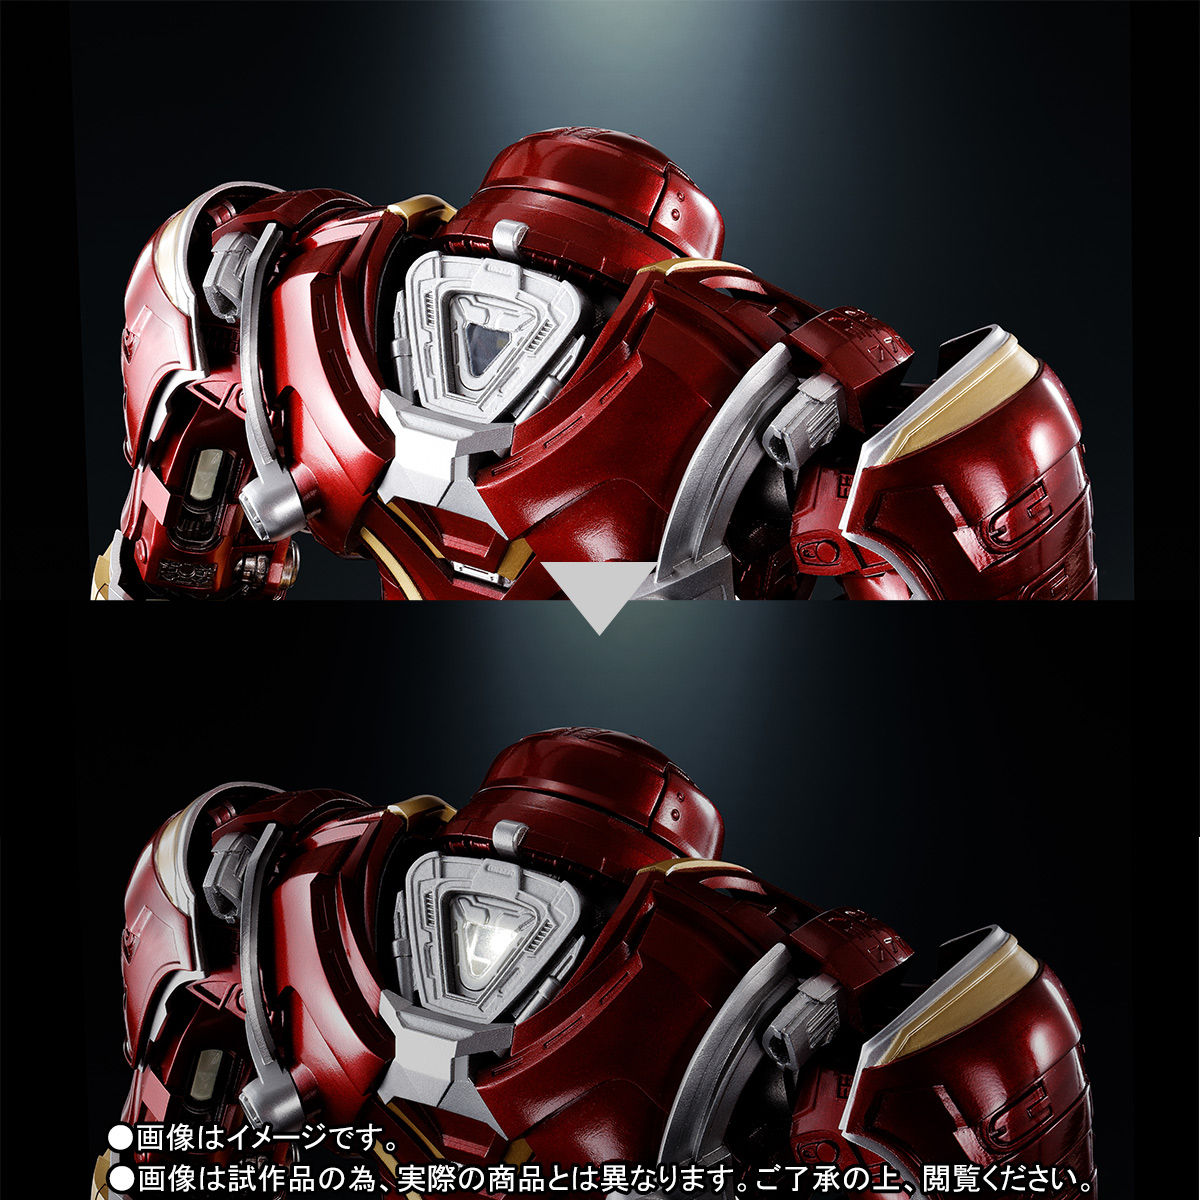 超合金×S.H.Figuarts『ハルクバスター マーク2 アベンジャーズ/インフィニティ・ウォー』可動フィギュア-008